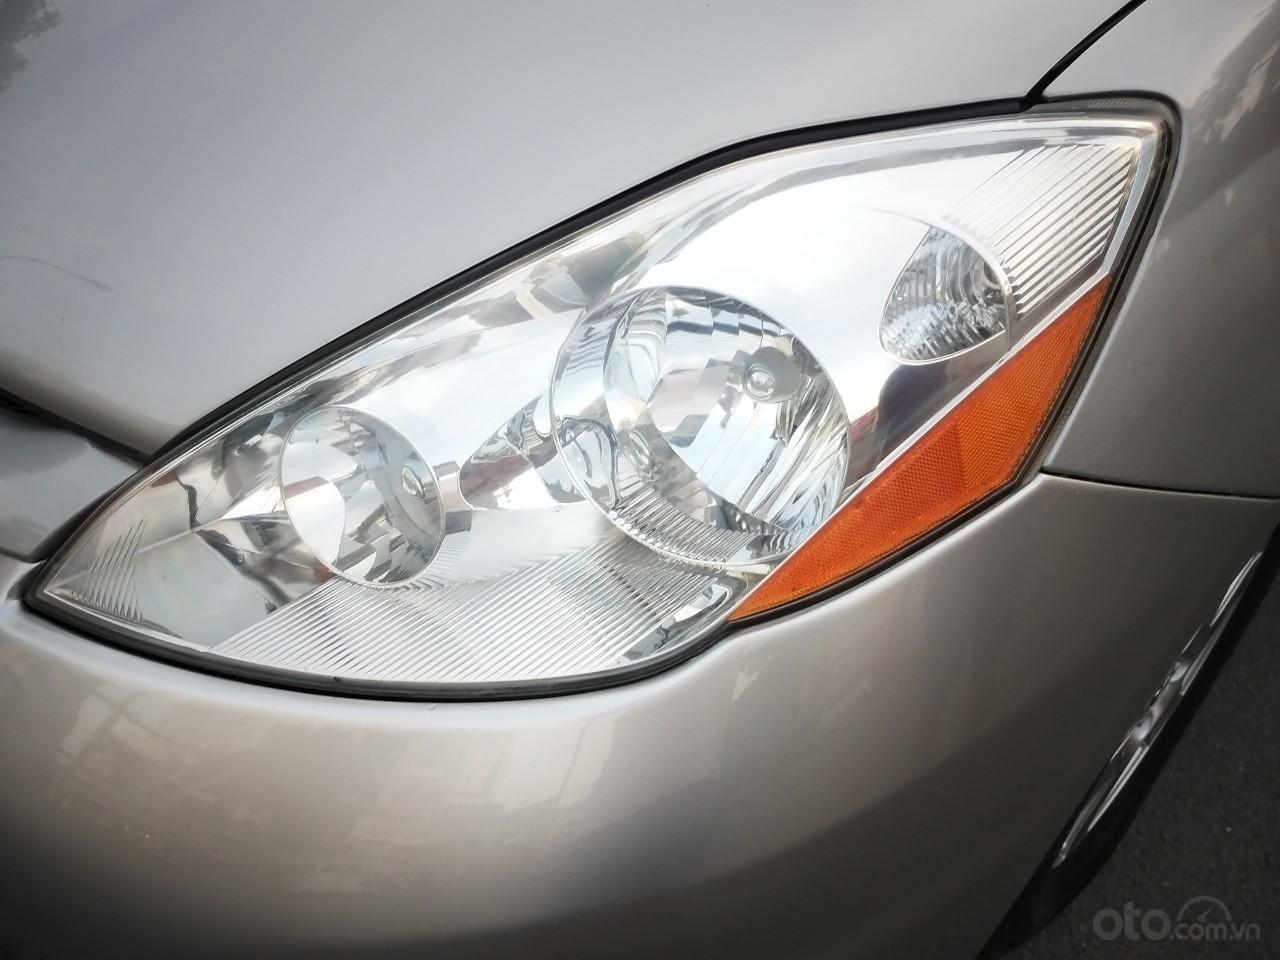 Toyota Sienna LE model 2008, xe nhà ít chạy còn rất mới, mới không đối thủ, toàn bộ còn zin theo xe (8)